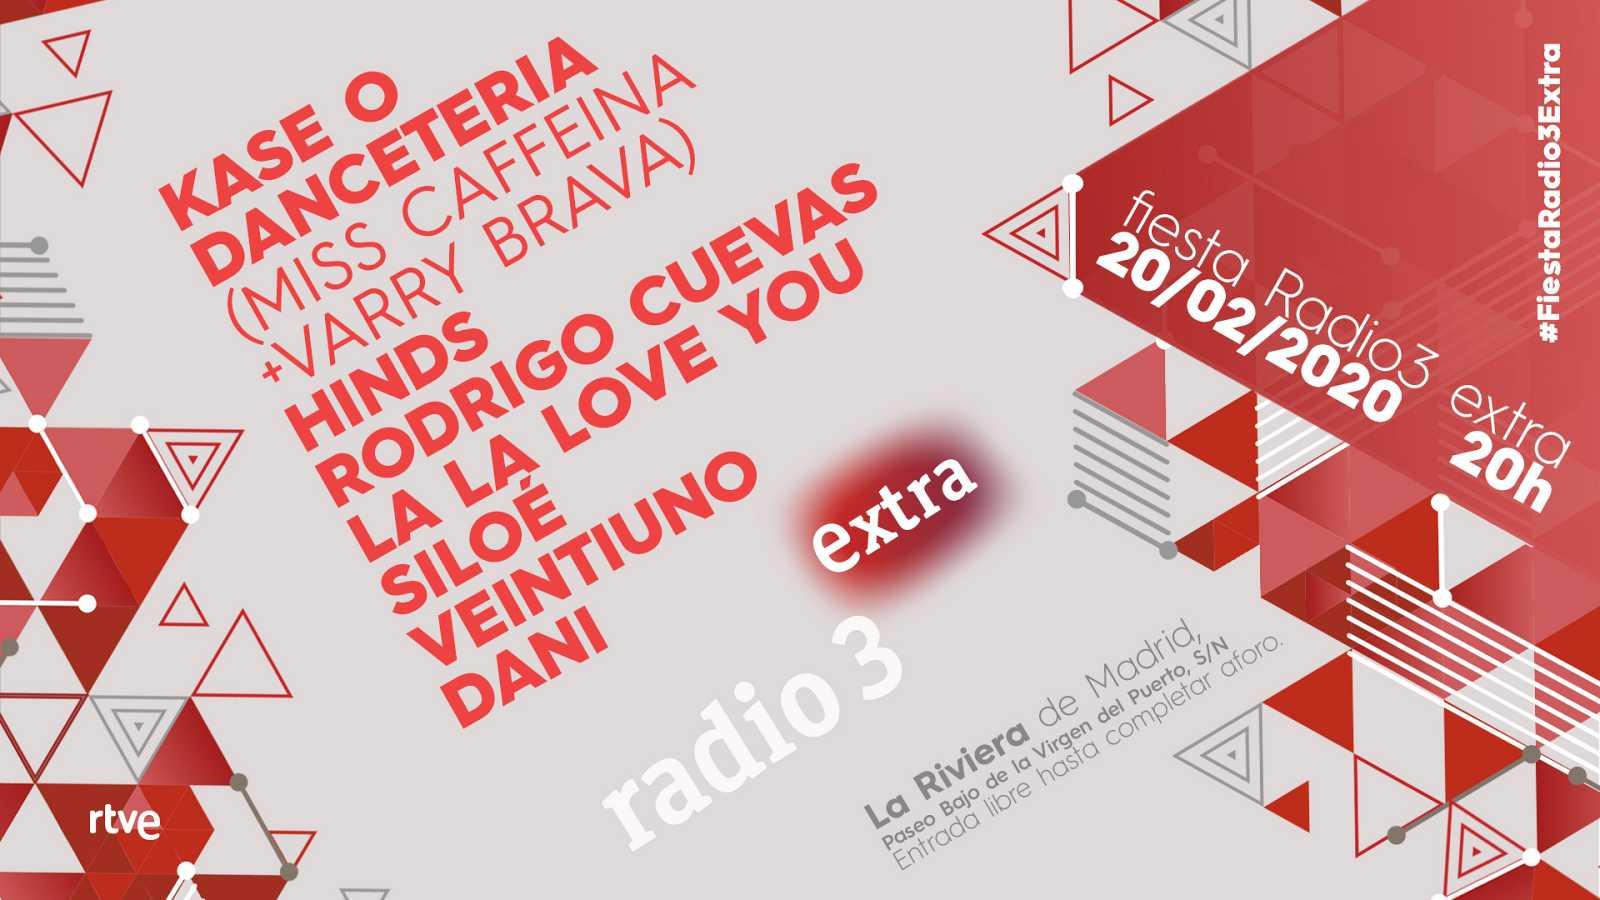 Kase O, Miss Cafeina y Varry Brava, Hinds, La La Love you o Rodrigo Cuevas, en la fiesta de Radio 3 Extra